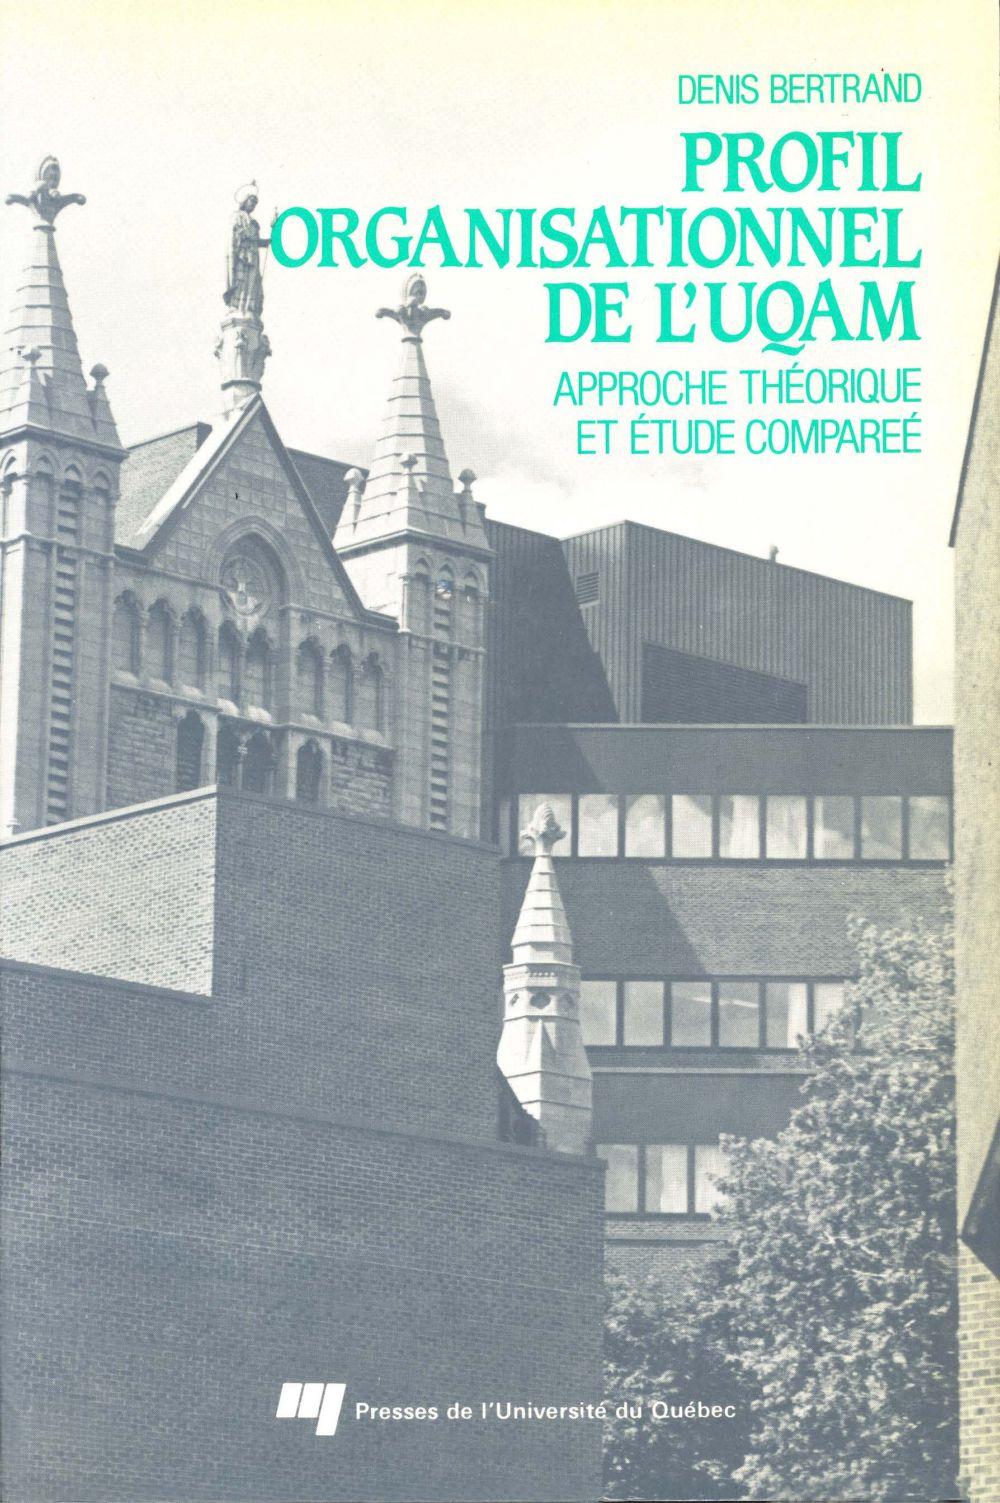 Le profil organisationnel de l'UQAM